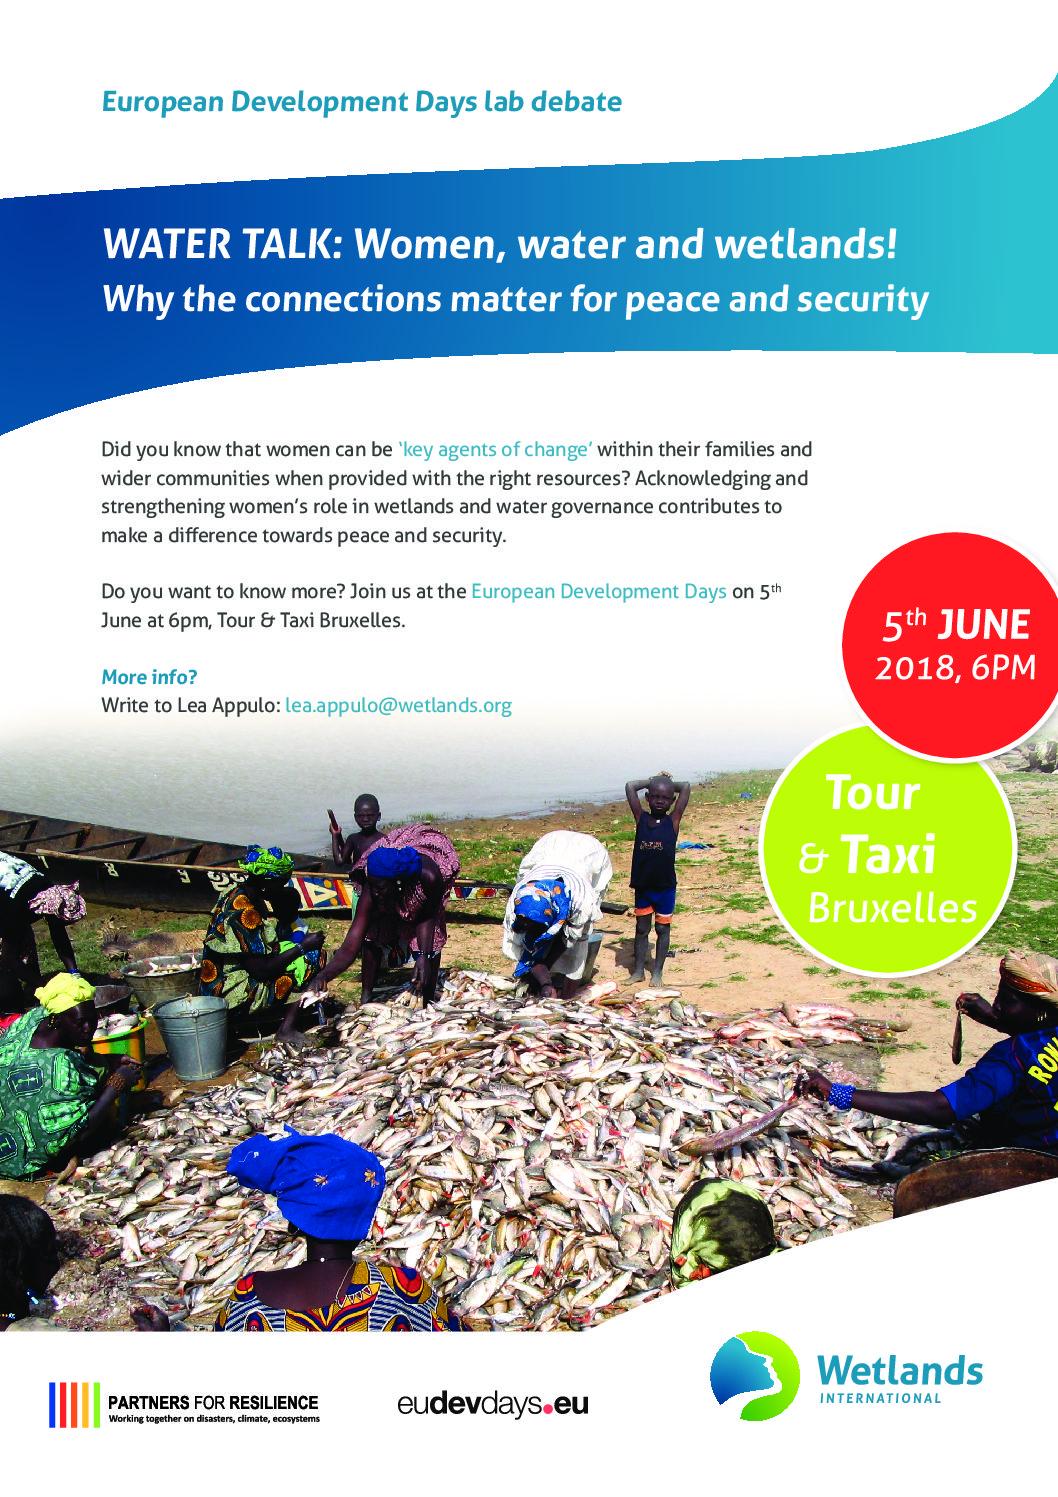 WATER TALK: Women, water and wetlands! - Wetlands